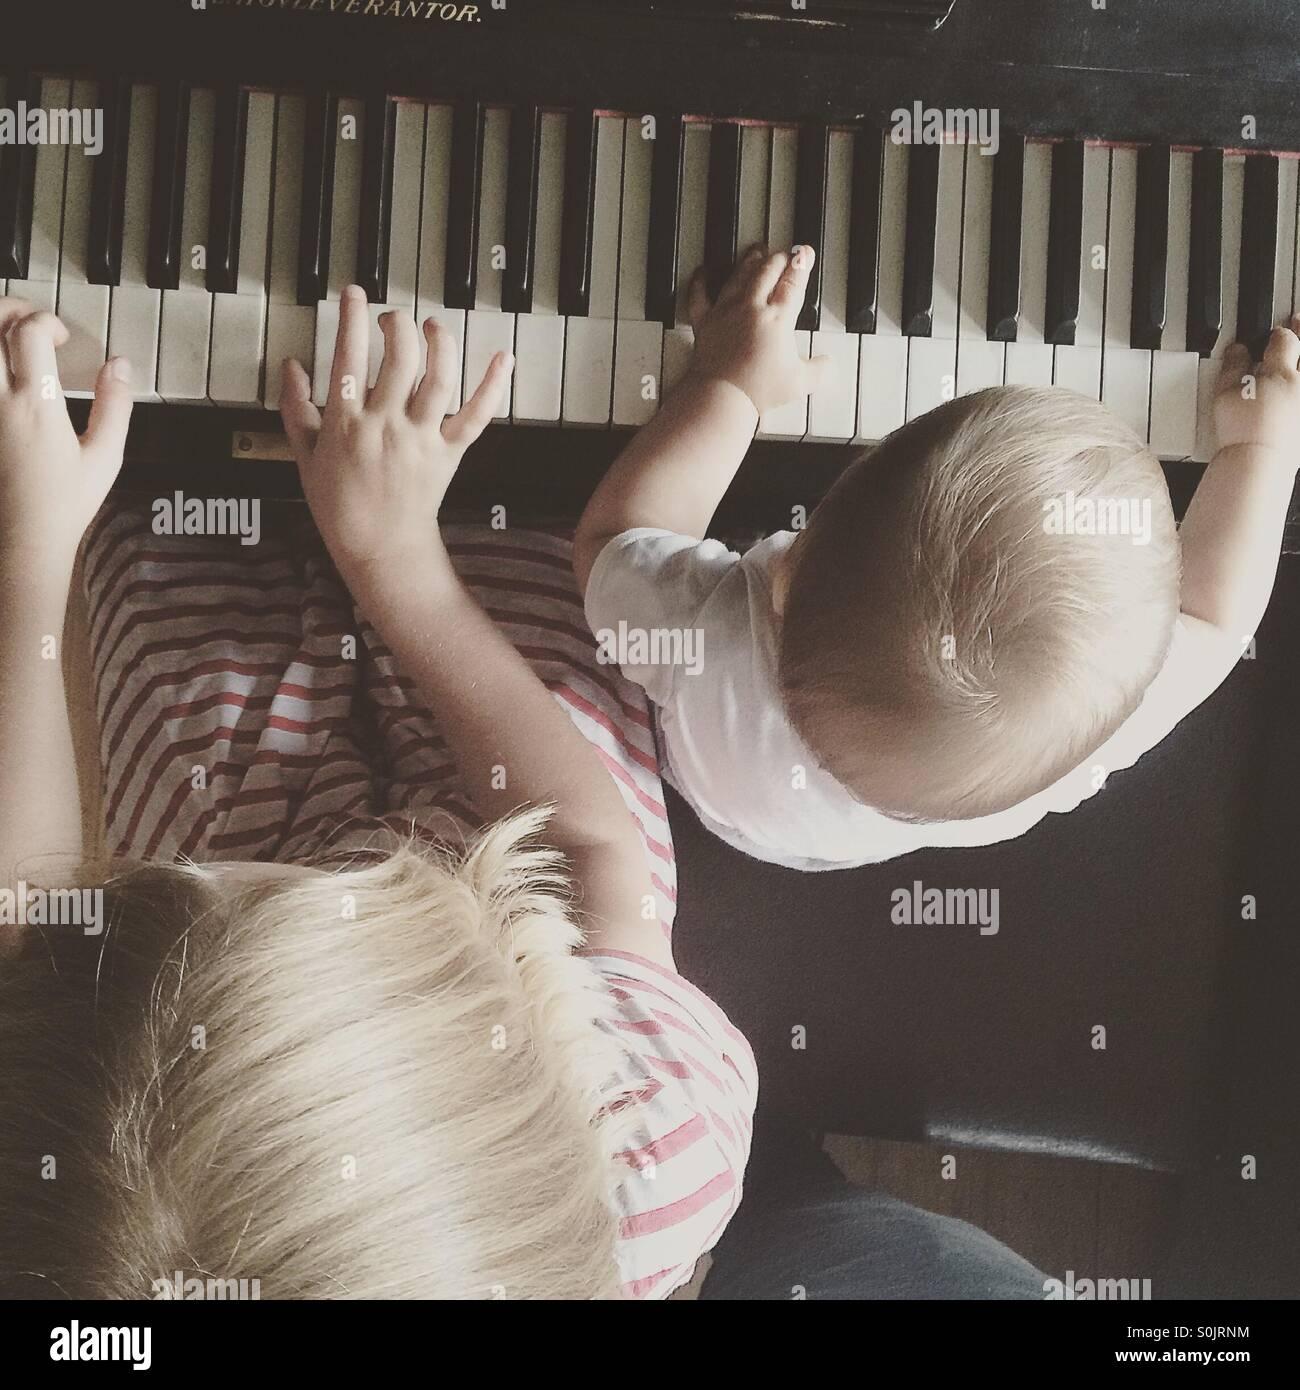 Photo prise depuis le sommet de la fratrie de l'apprentissage, à jouer du piano de concert Photo Stock